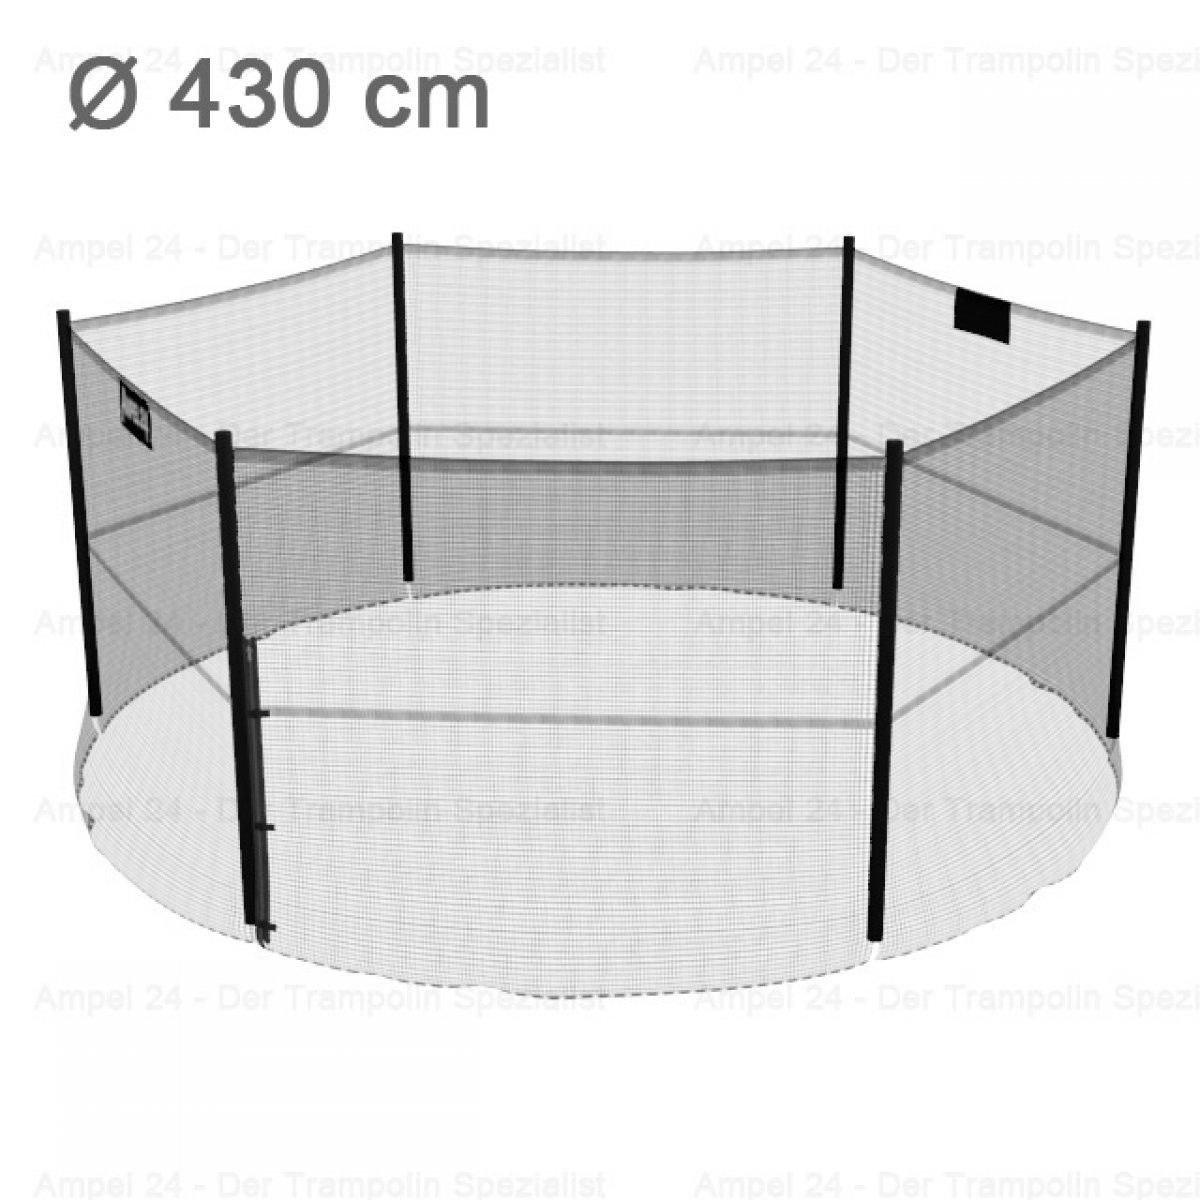 trampolin ersatz sicherheitsnetz 430 cm f r 6 stangen ebay. Black Bedroom Furniture Sets. Home Design Ideas